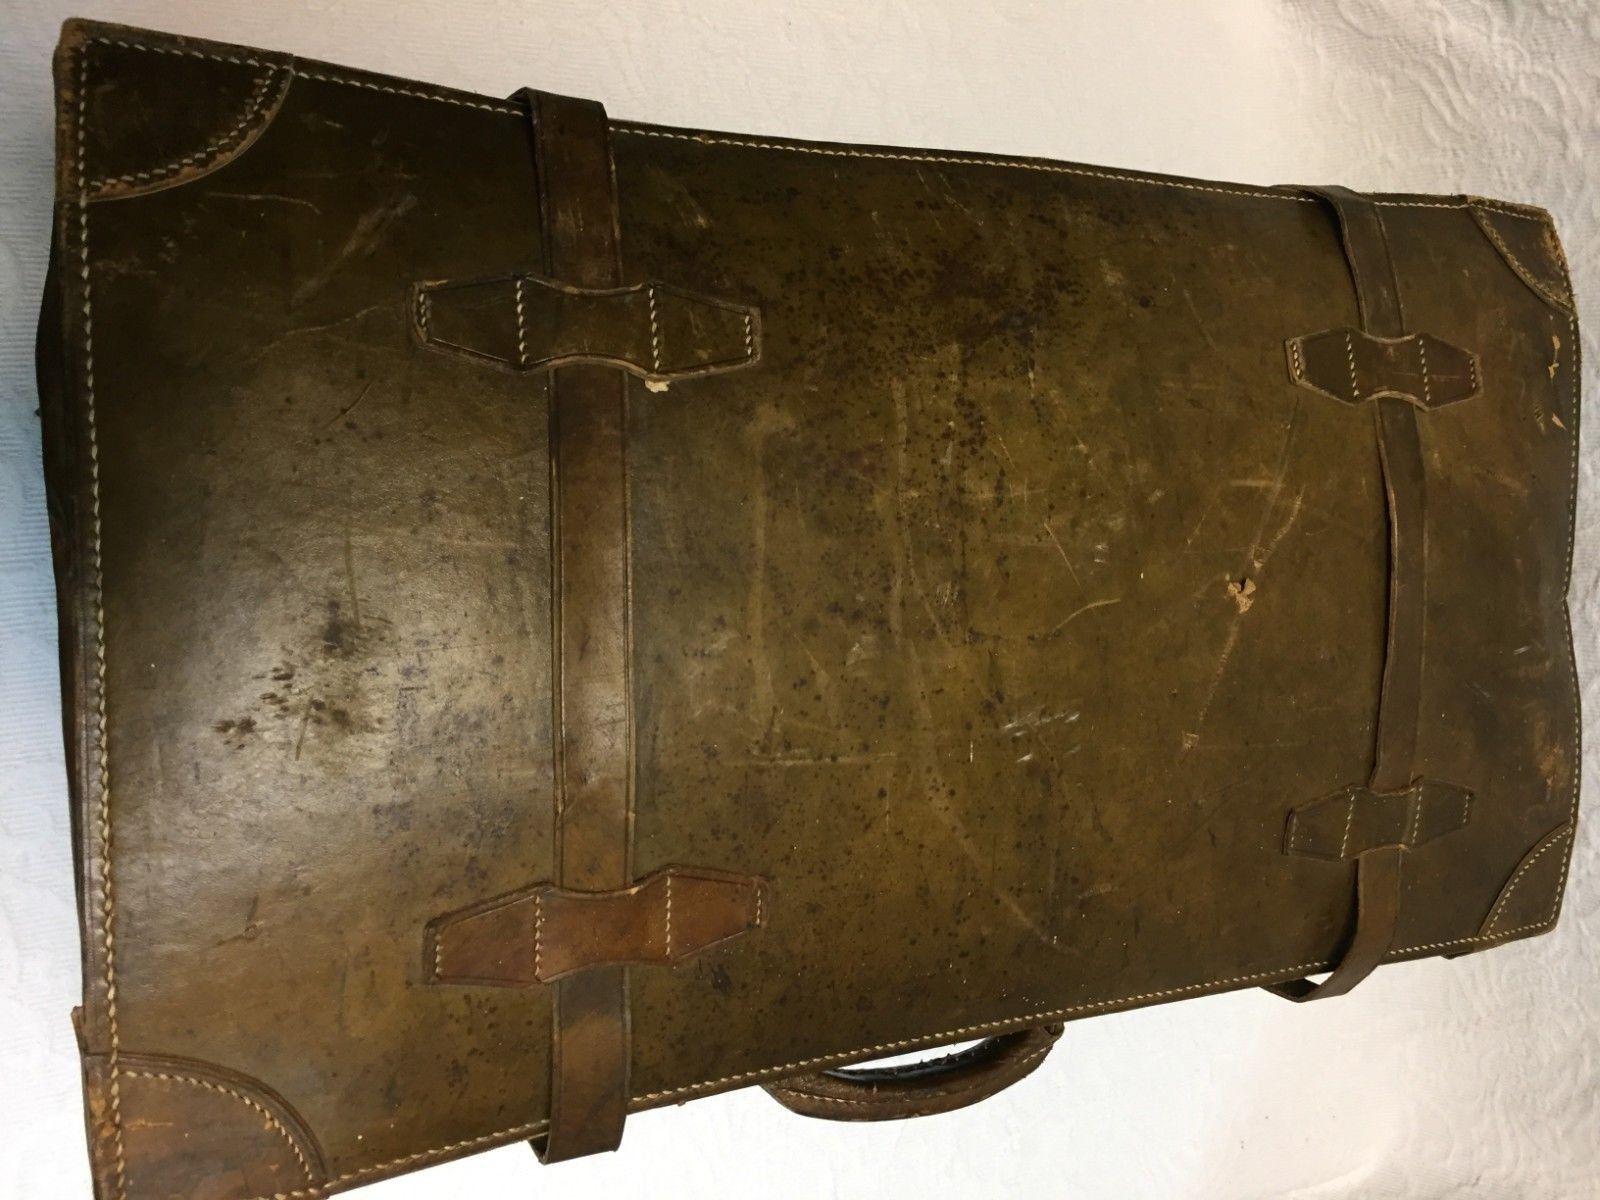 Vintage Marroneee Leather 25 X X X 8 X 13 Suitcase 281576